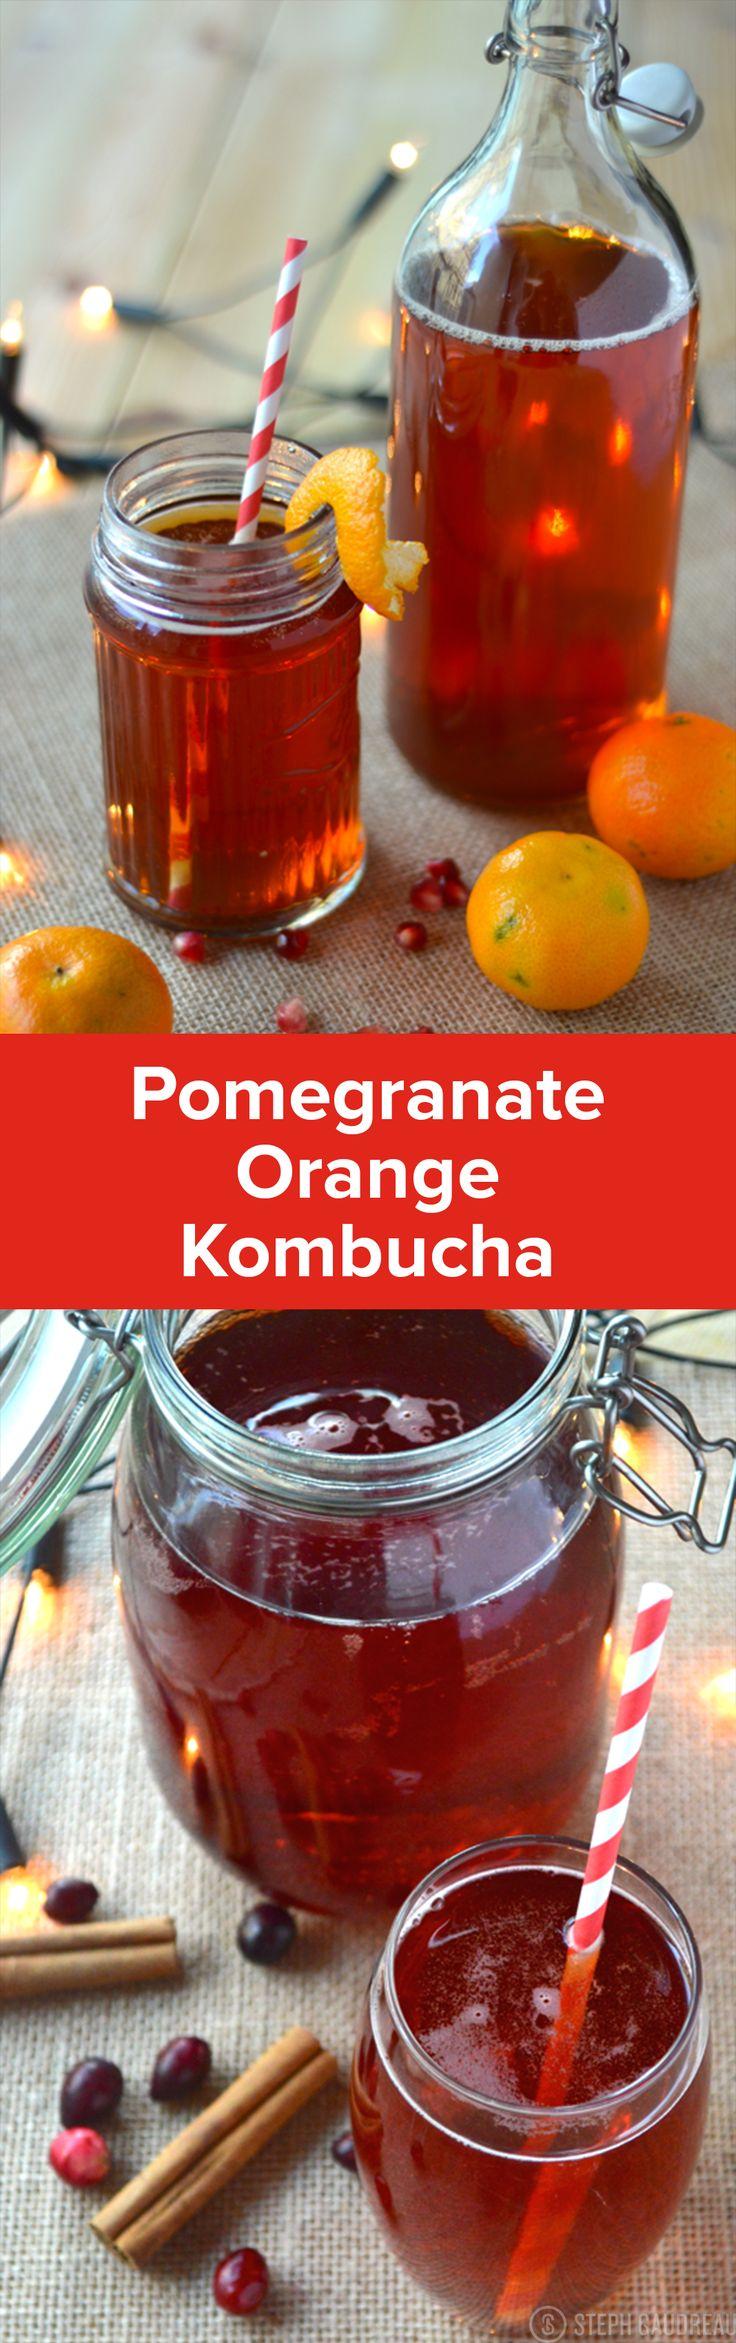 Holiday Kombucha Flavors | StupidEasyPaleo.com